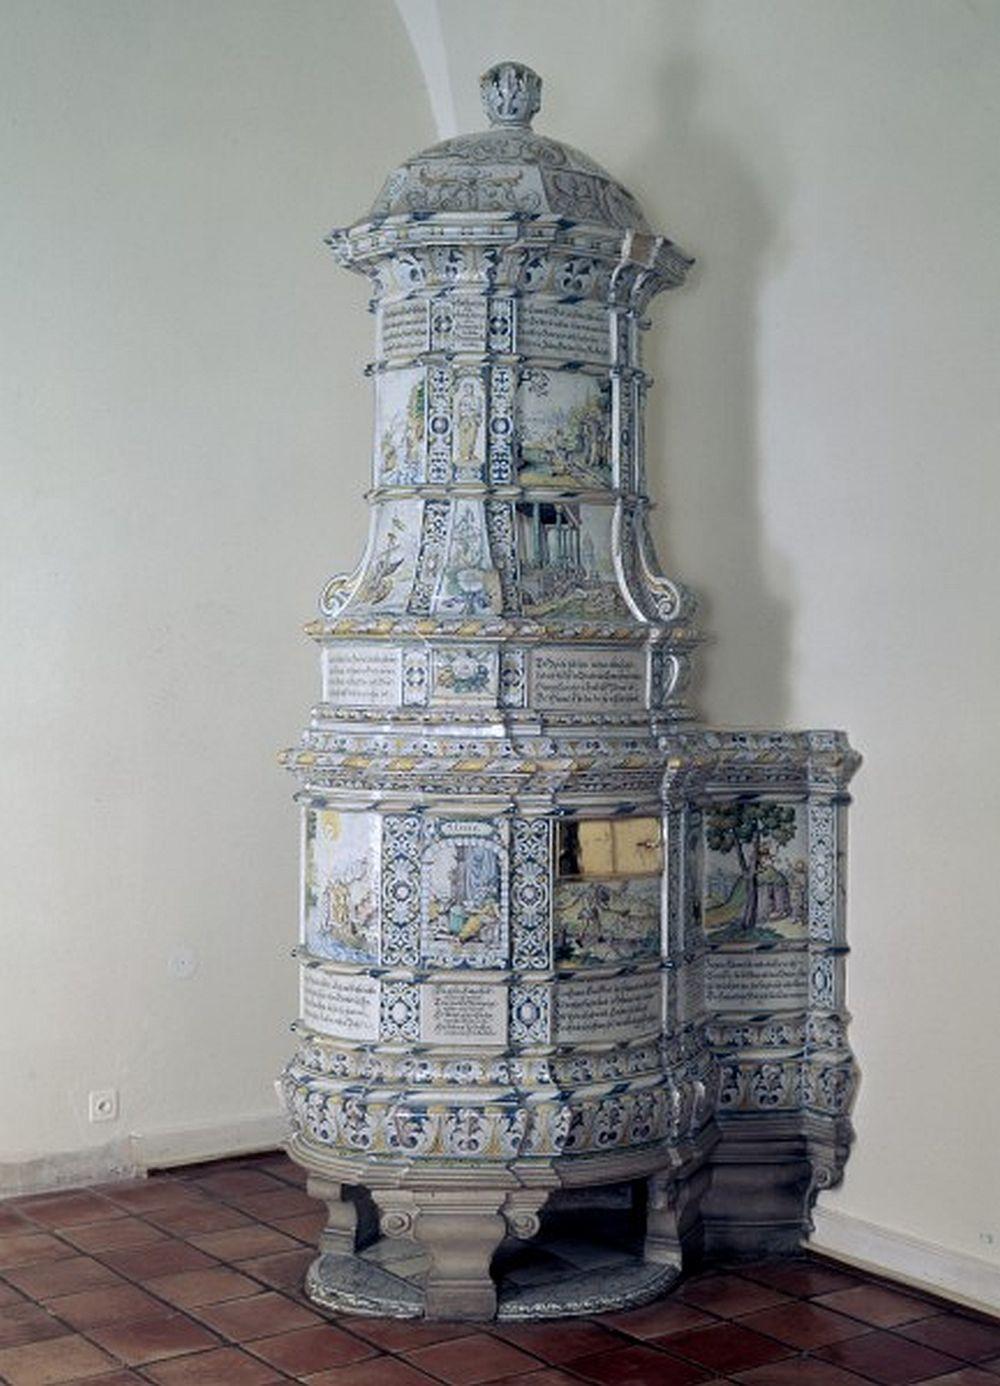 Sobă Elgg  manufacturată de ceramistul Hans Othmar Vogler(?) și pictată de David Sulzer I(?), probabil la 1735(?). Măsoară 329 cm înălțime, 101 cm lățime și 132 cm adâncime. Museum für Wohnkultur